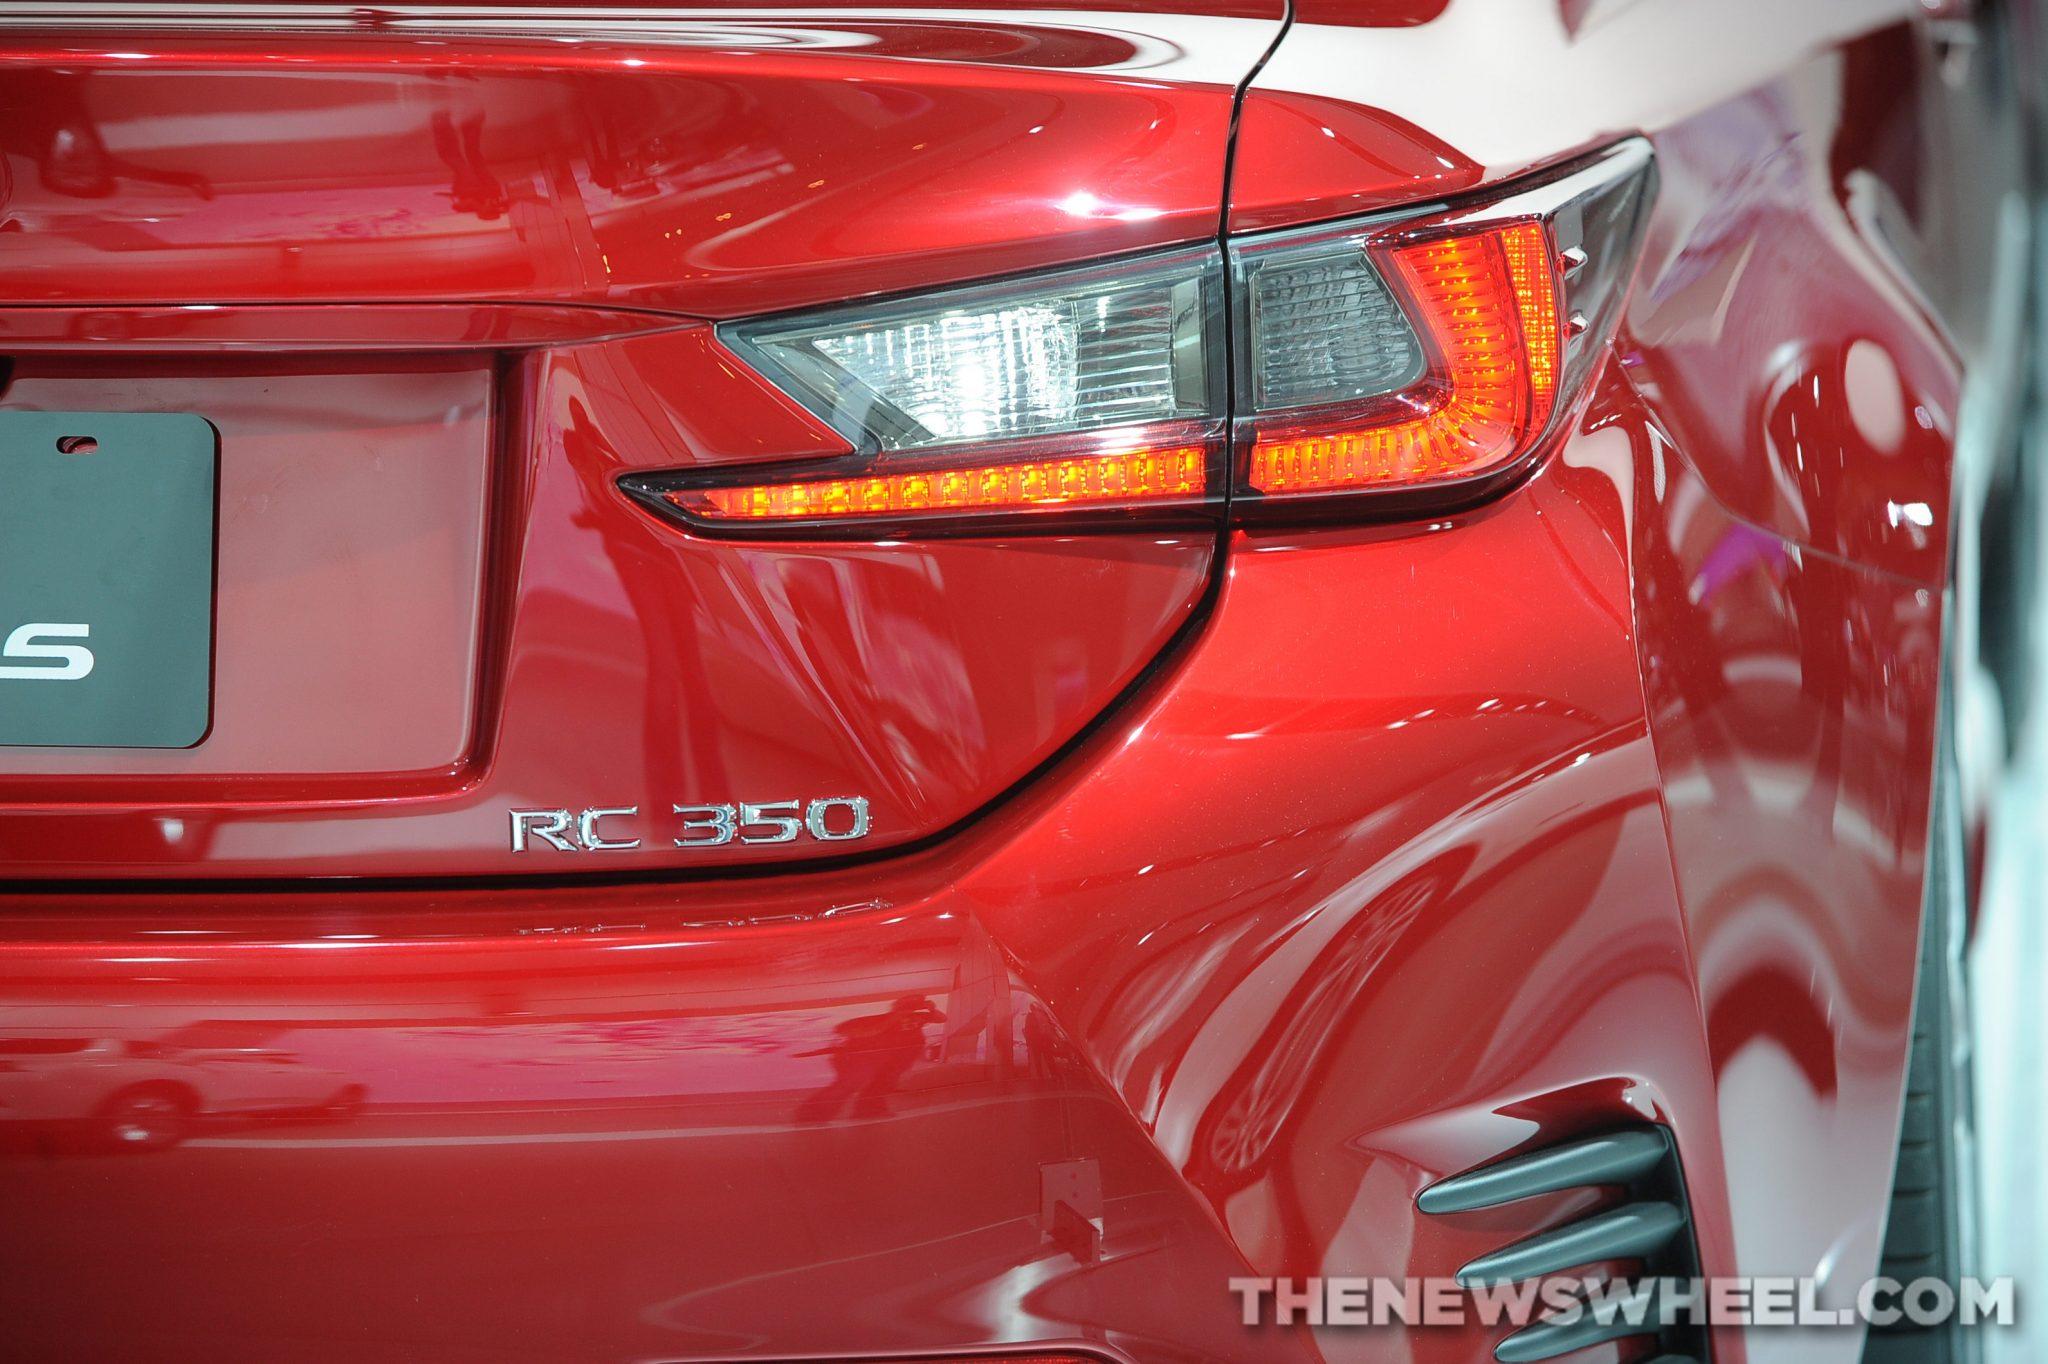 Lexus NAIAS Display: RC 350